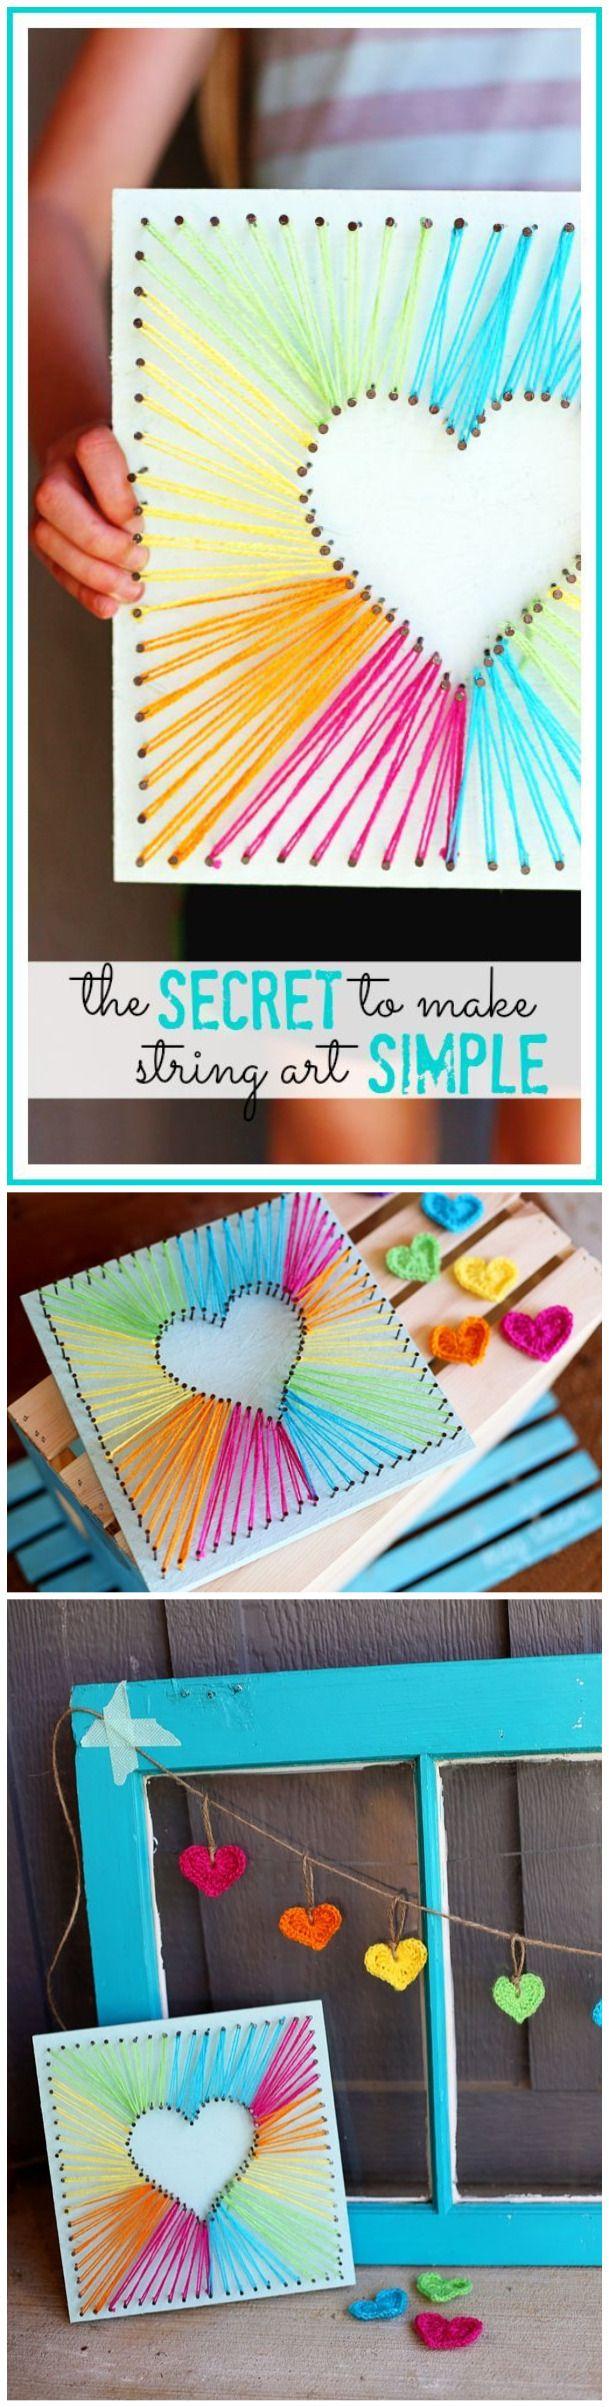 How to Make Lovely DIY Heart String Art